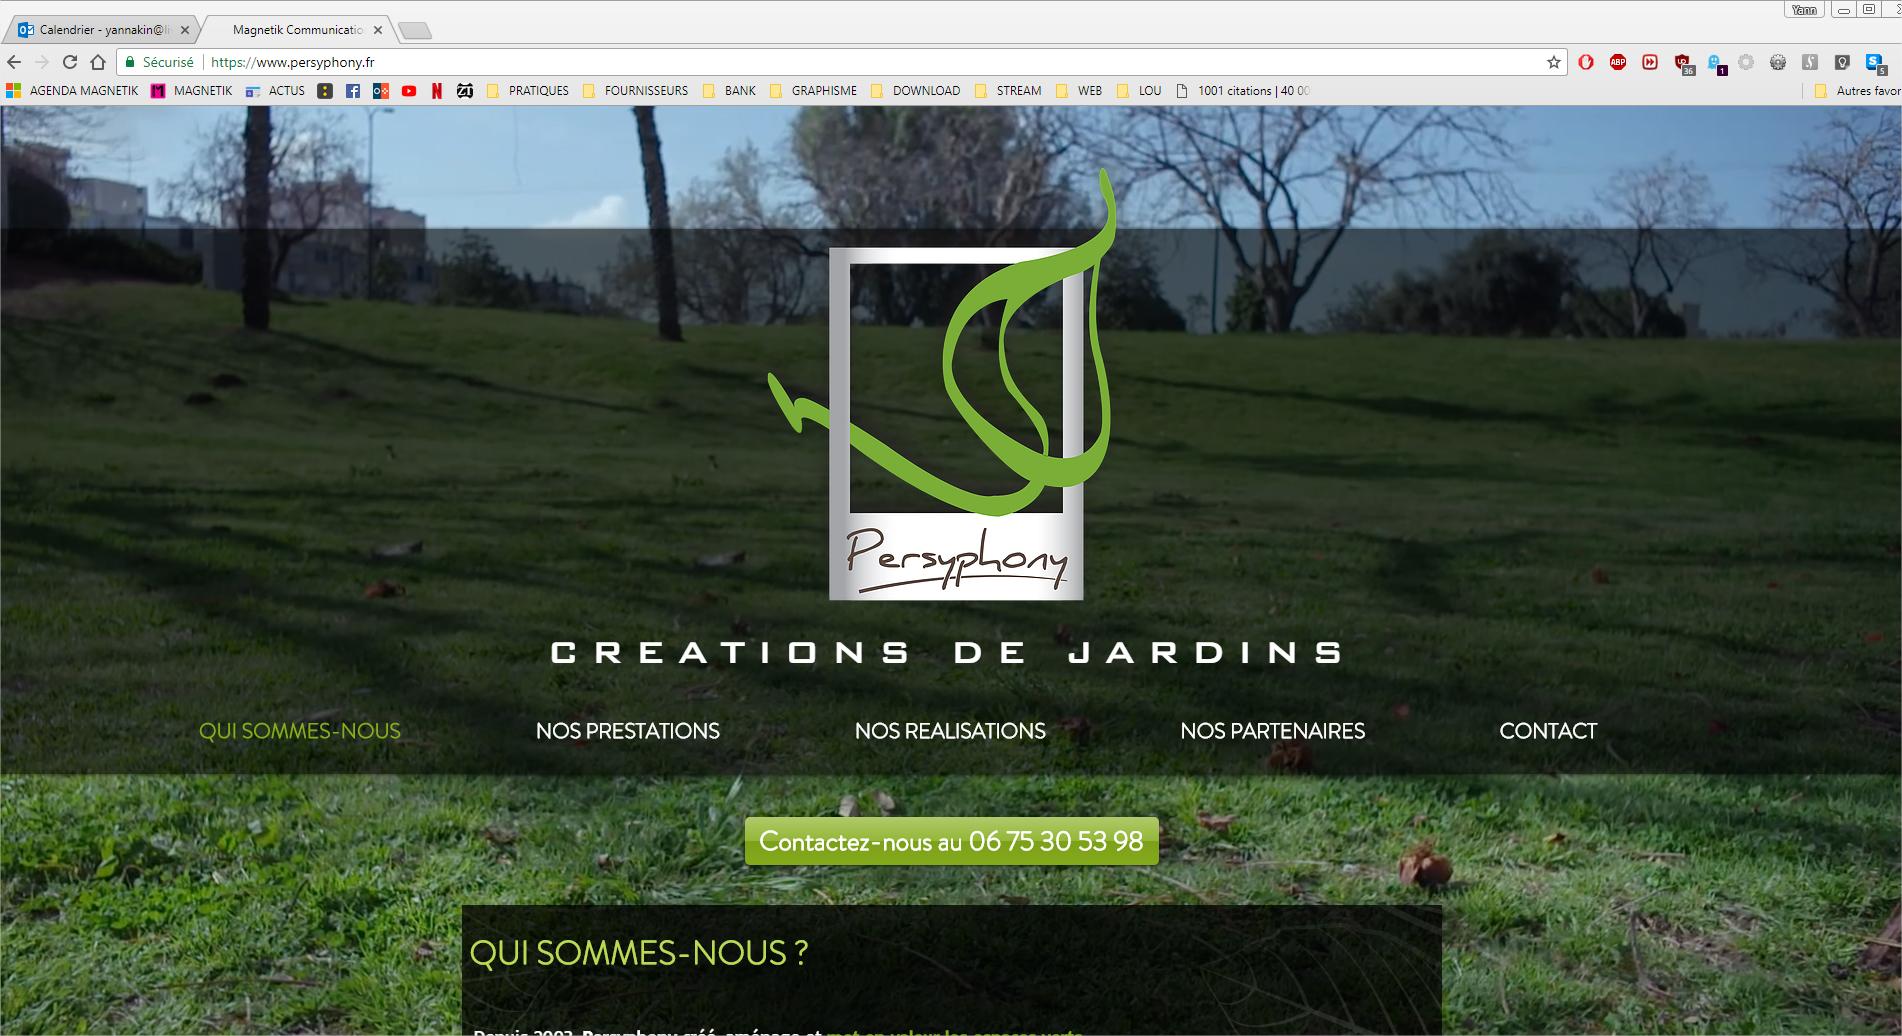 site-internet-vignette-lien-magnetik-communication-craponne